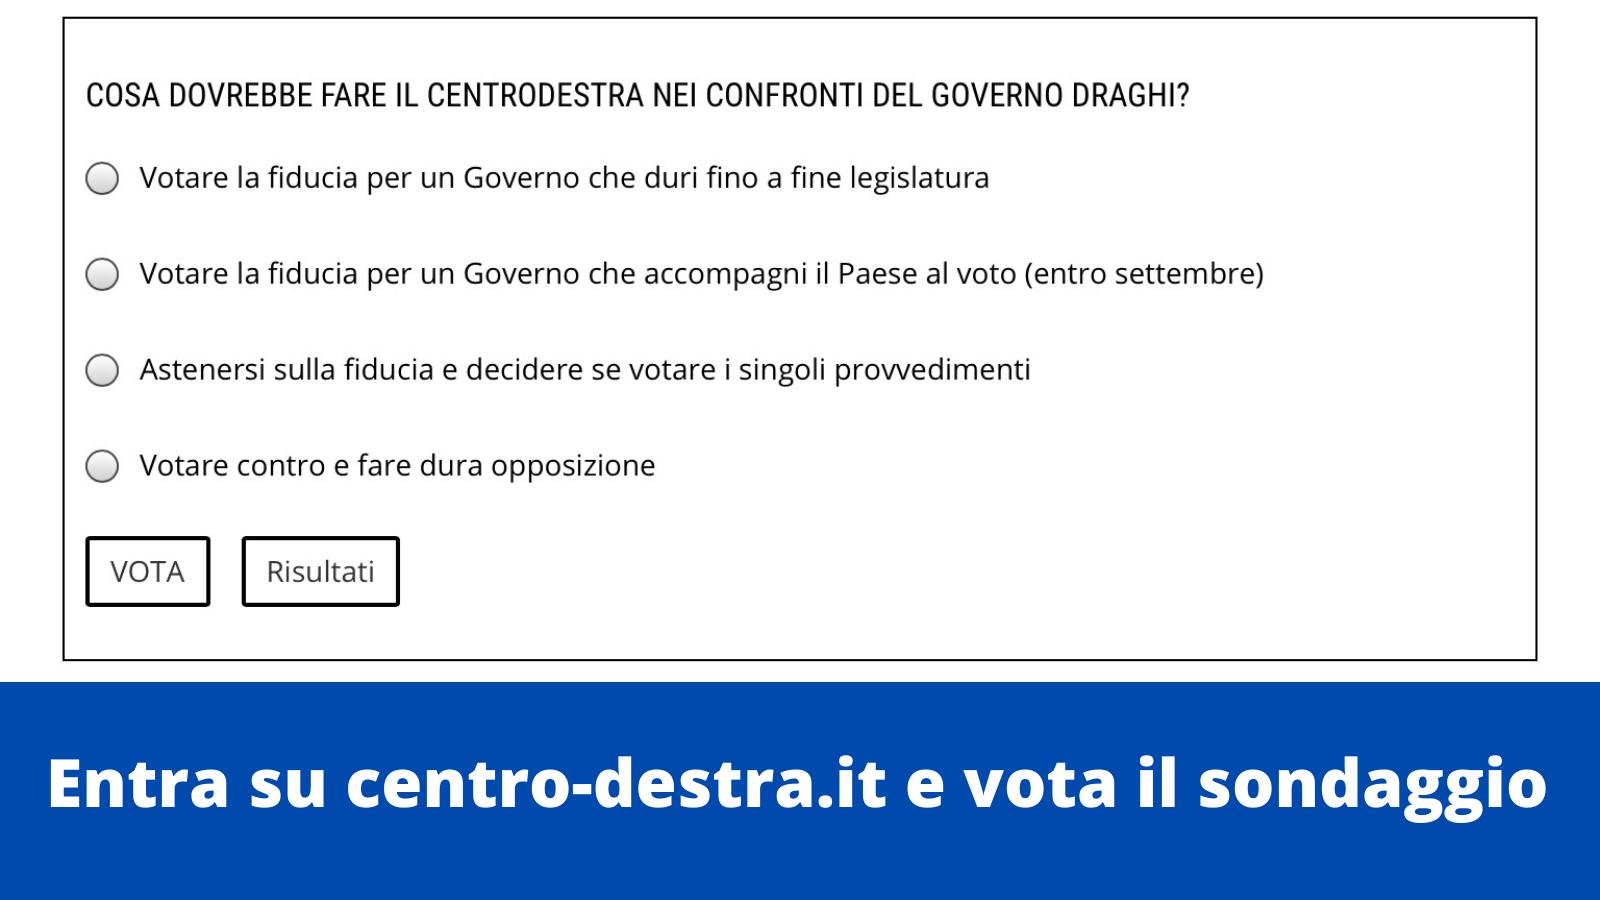 Come dovrebbe votare il centrodestra nei confronti di Draghi?